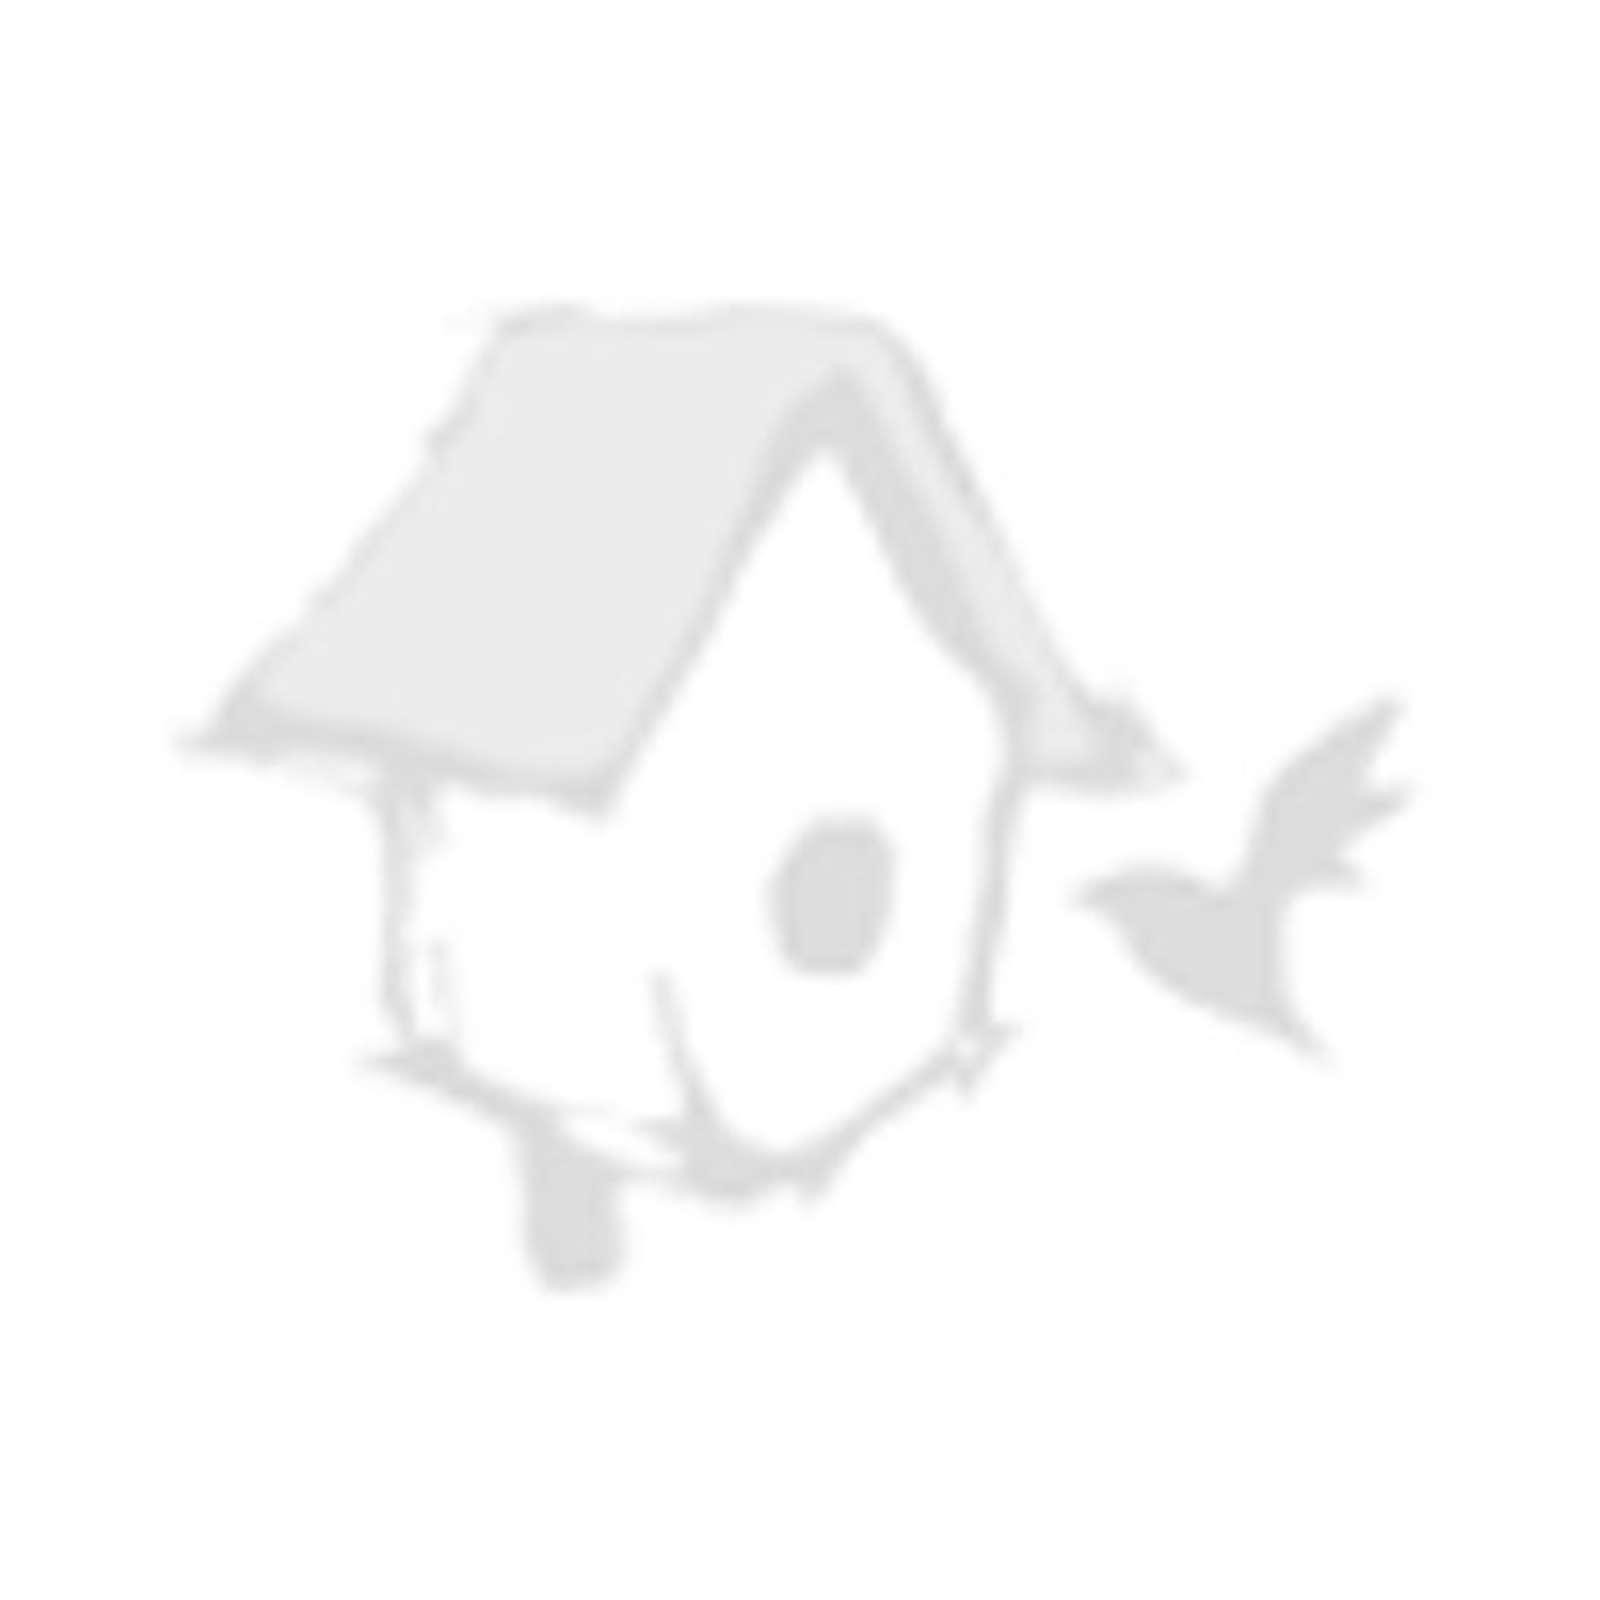 Насадка к COLUMBUS войлочная д/крепления абразива к шлифмаш. d375мм СУ00407082014